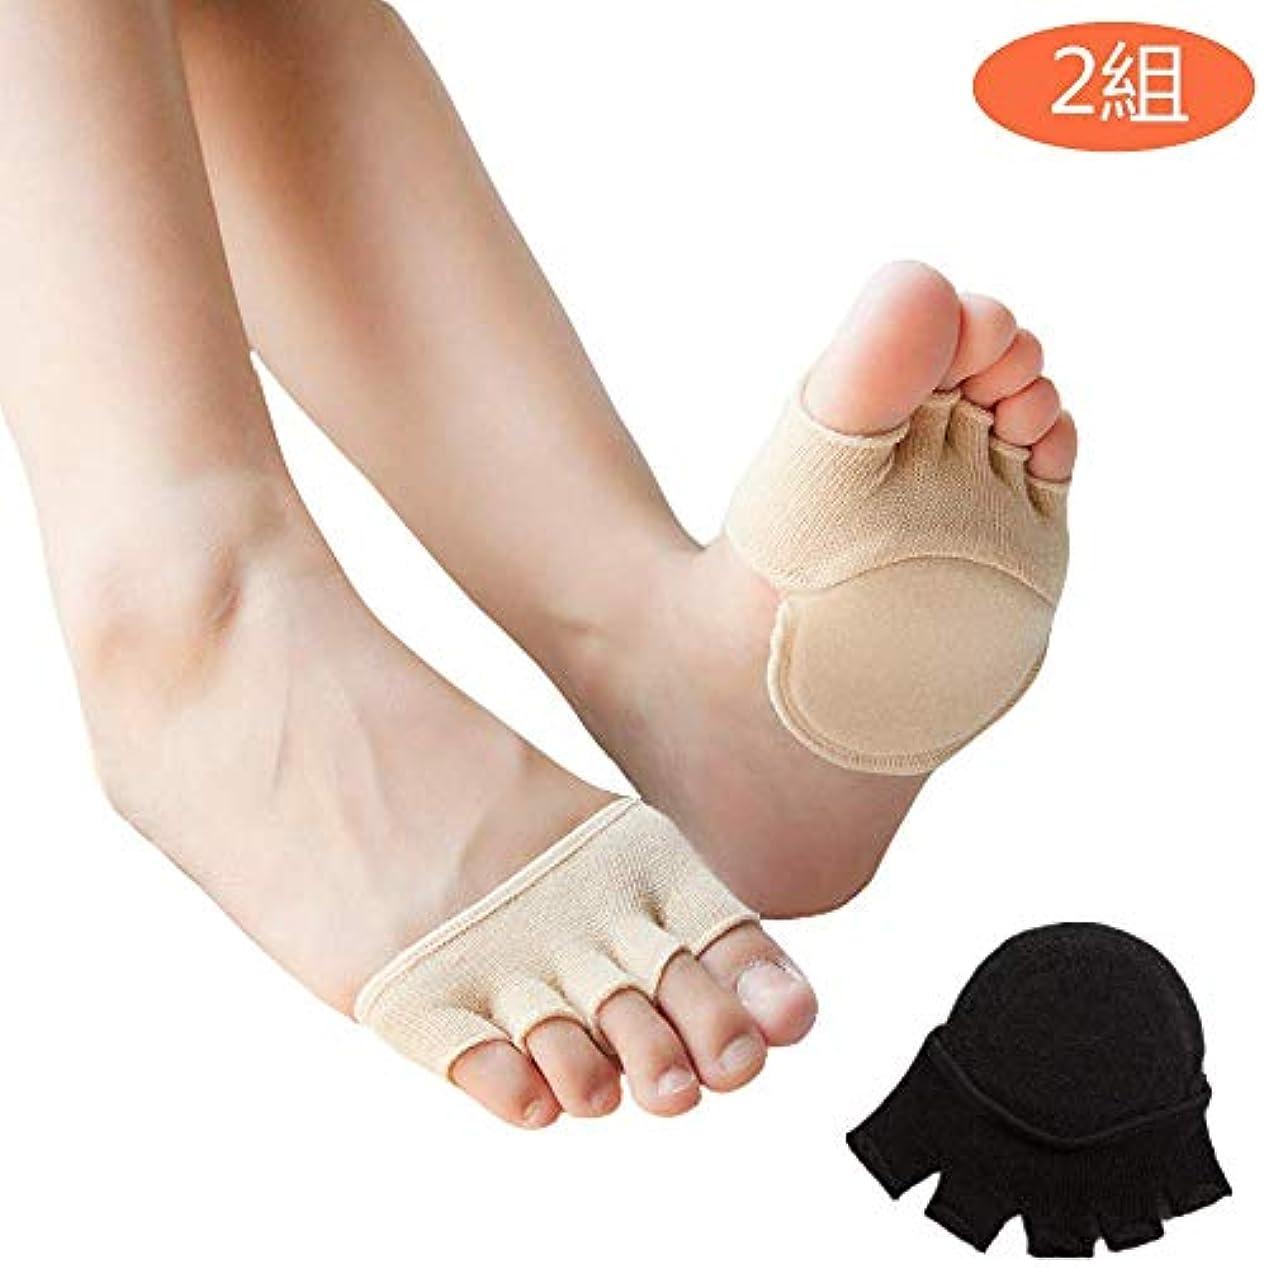 つま先 5本指 足底クッション付き 前足サポーター 足の臭い対策 フットカバー ヨガ用靴下 浅い靴下半分つま先 夏 超薄型 (2組)